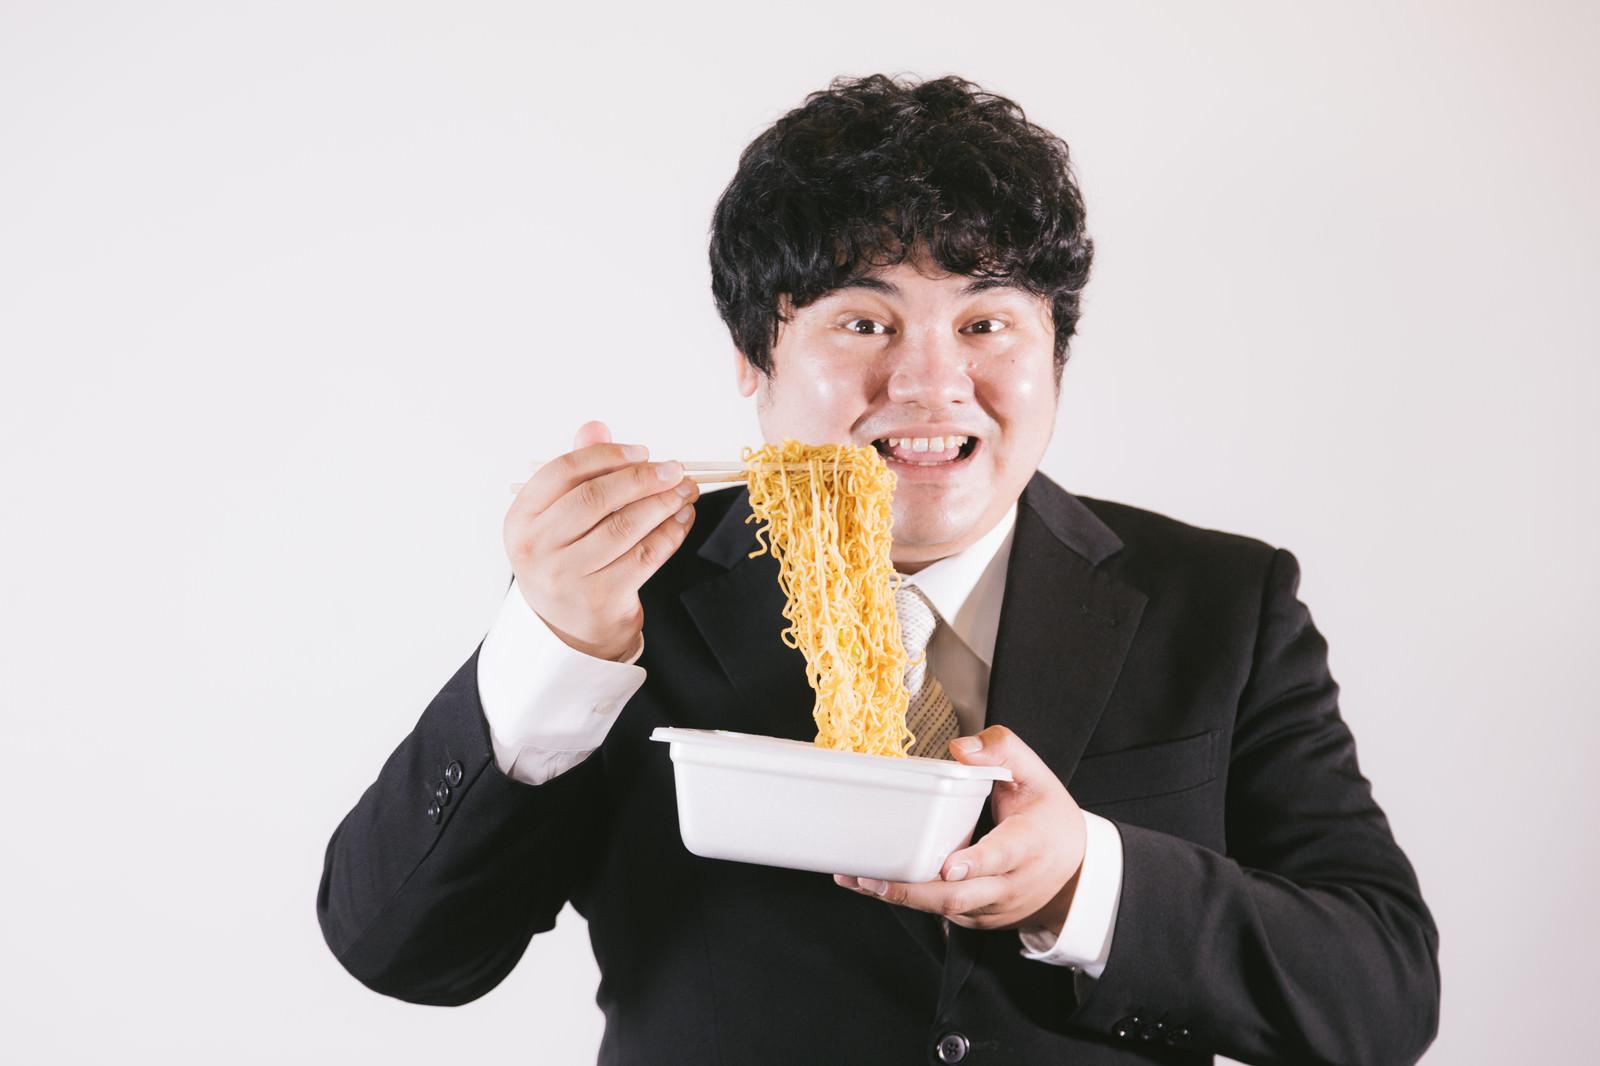 「ニコニコ笑顔でソース焼きそばを作るエンジニア」の写真[モデル:段田隼人]